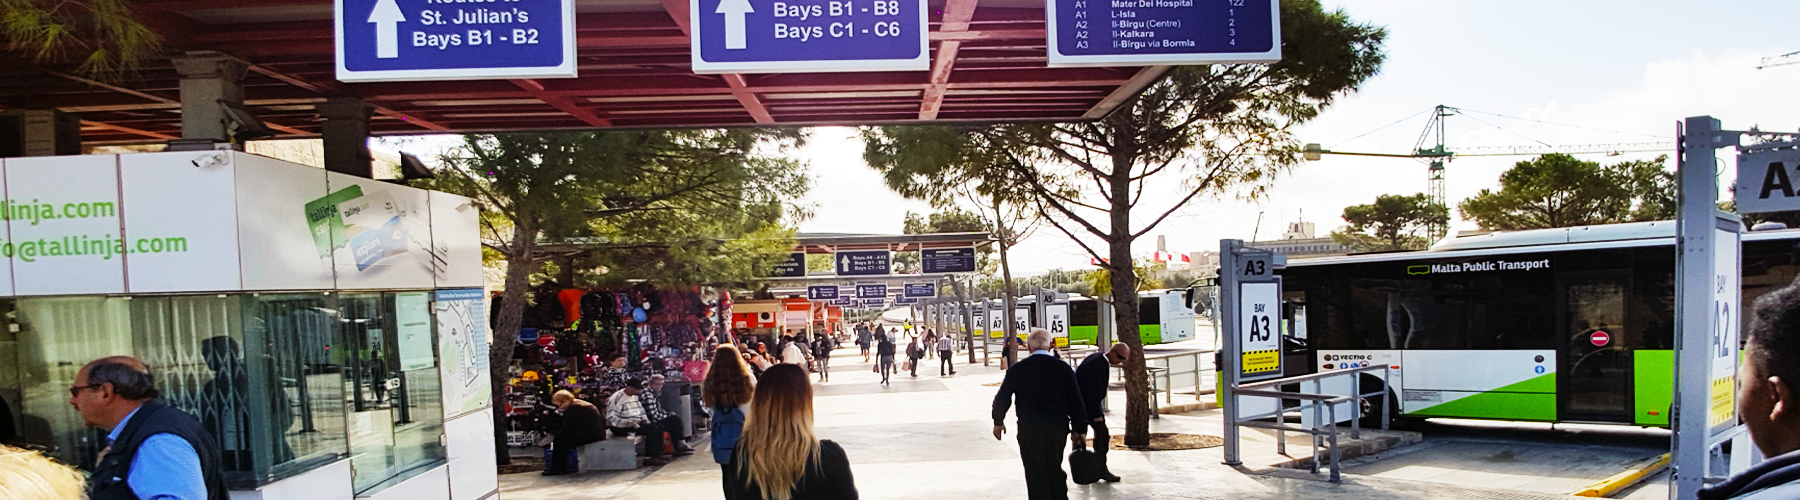 malta dil okulu sonrası otobüs terminallerini kullanarak ülke içinde seyahat edebilirsiniz.